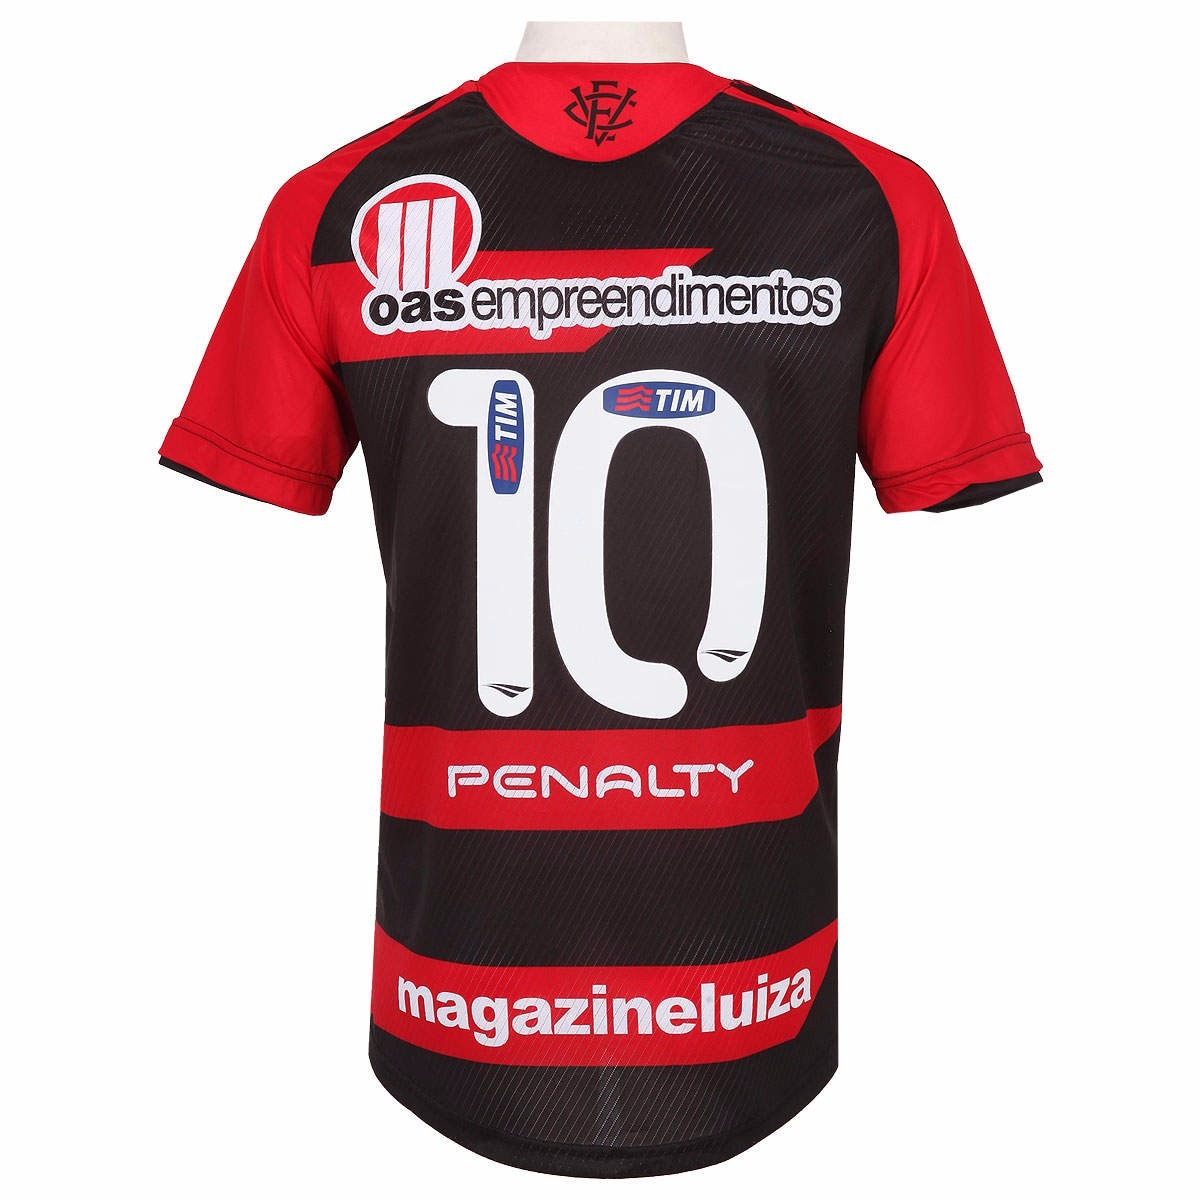 3871011ad3cb4 camisa vitória da bahia penalty oficial promoção 50% off. Carregando zoom.